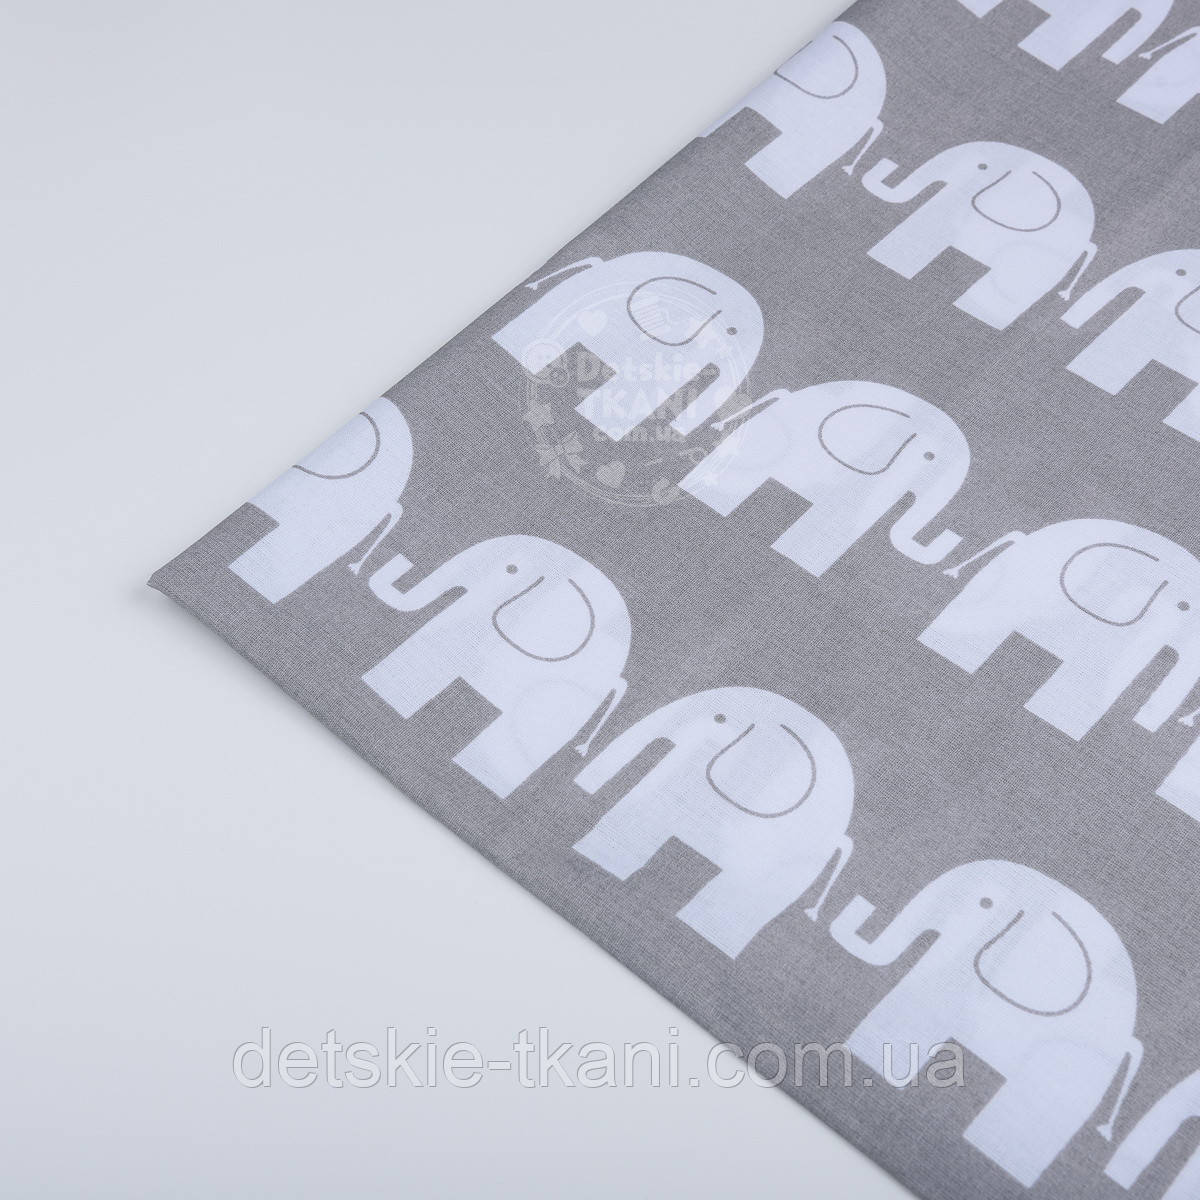 Отрез ткани №17  серого цвета с изображением белых слоников, размер 50*160